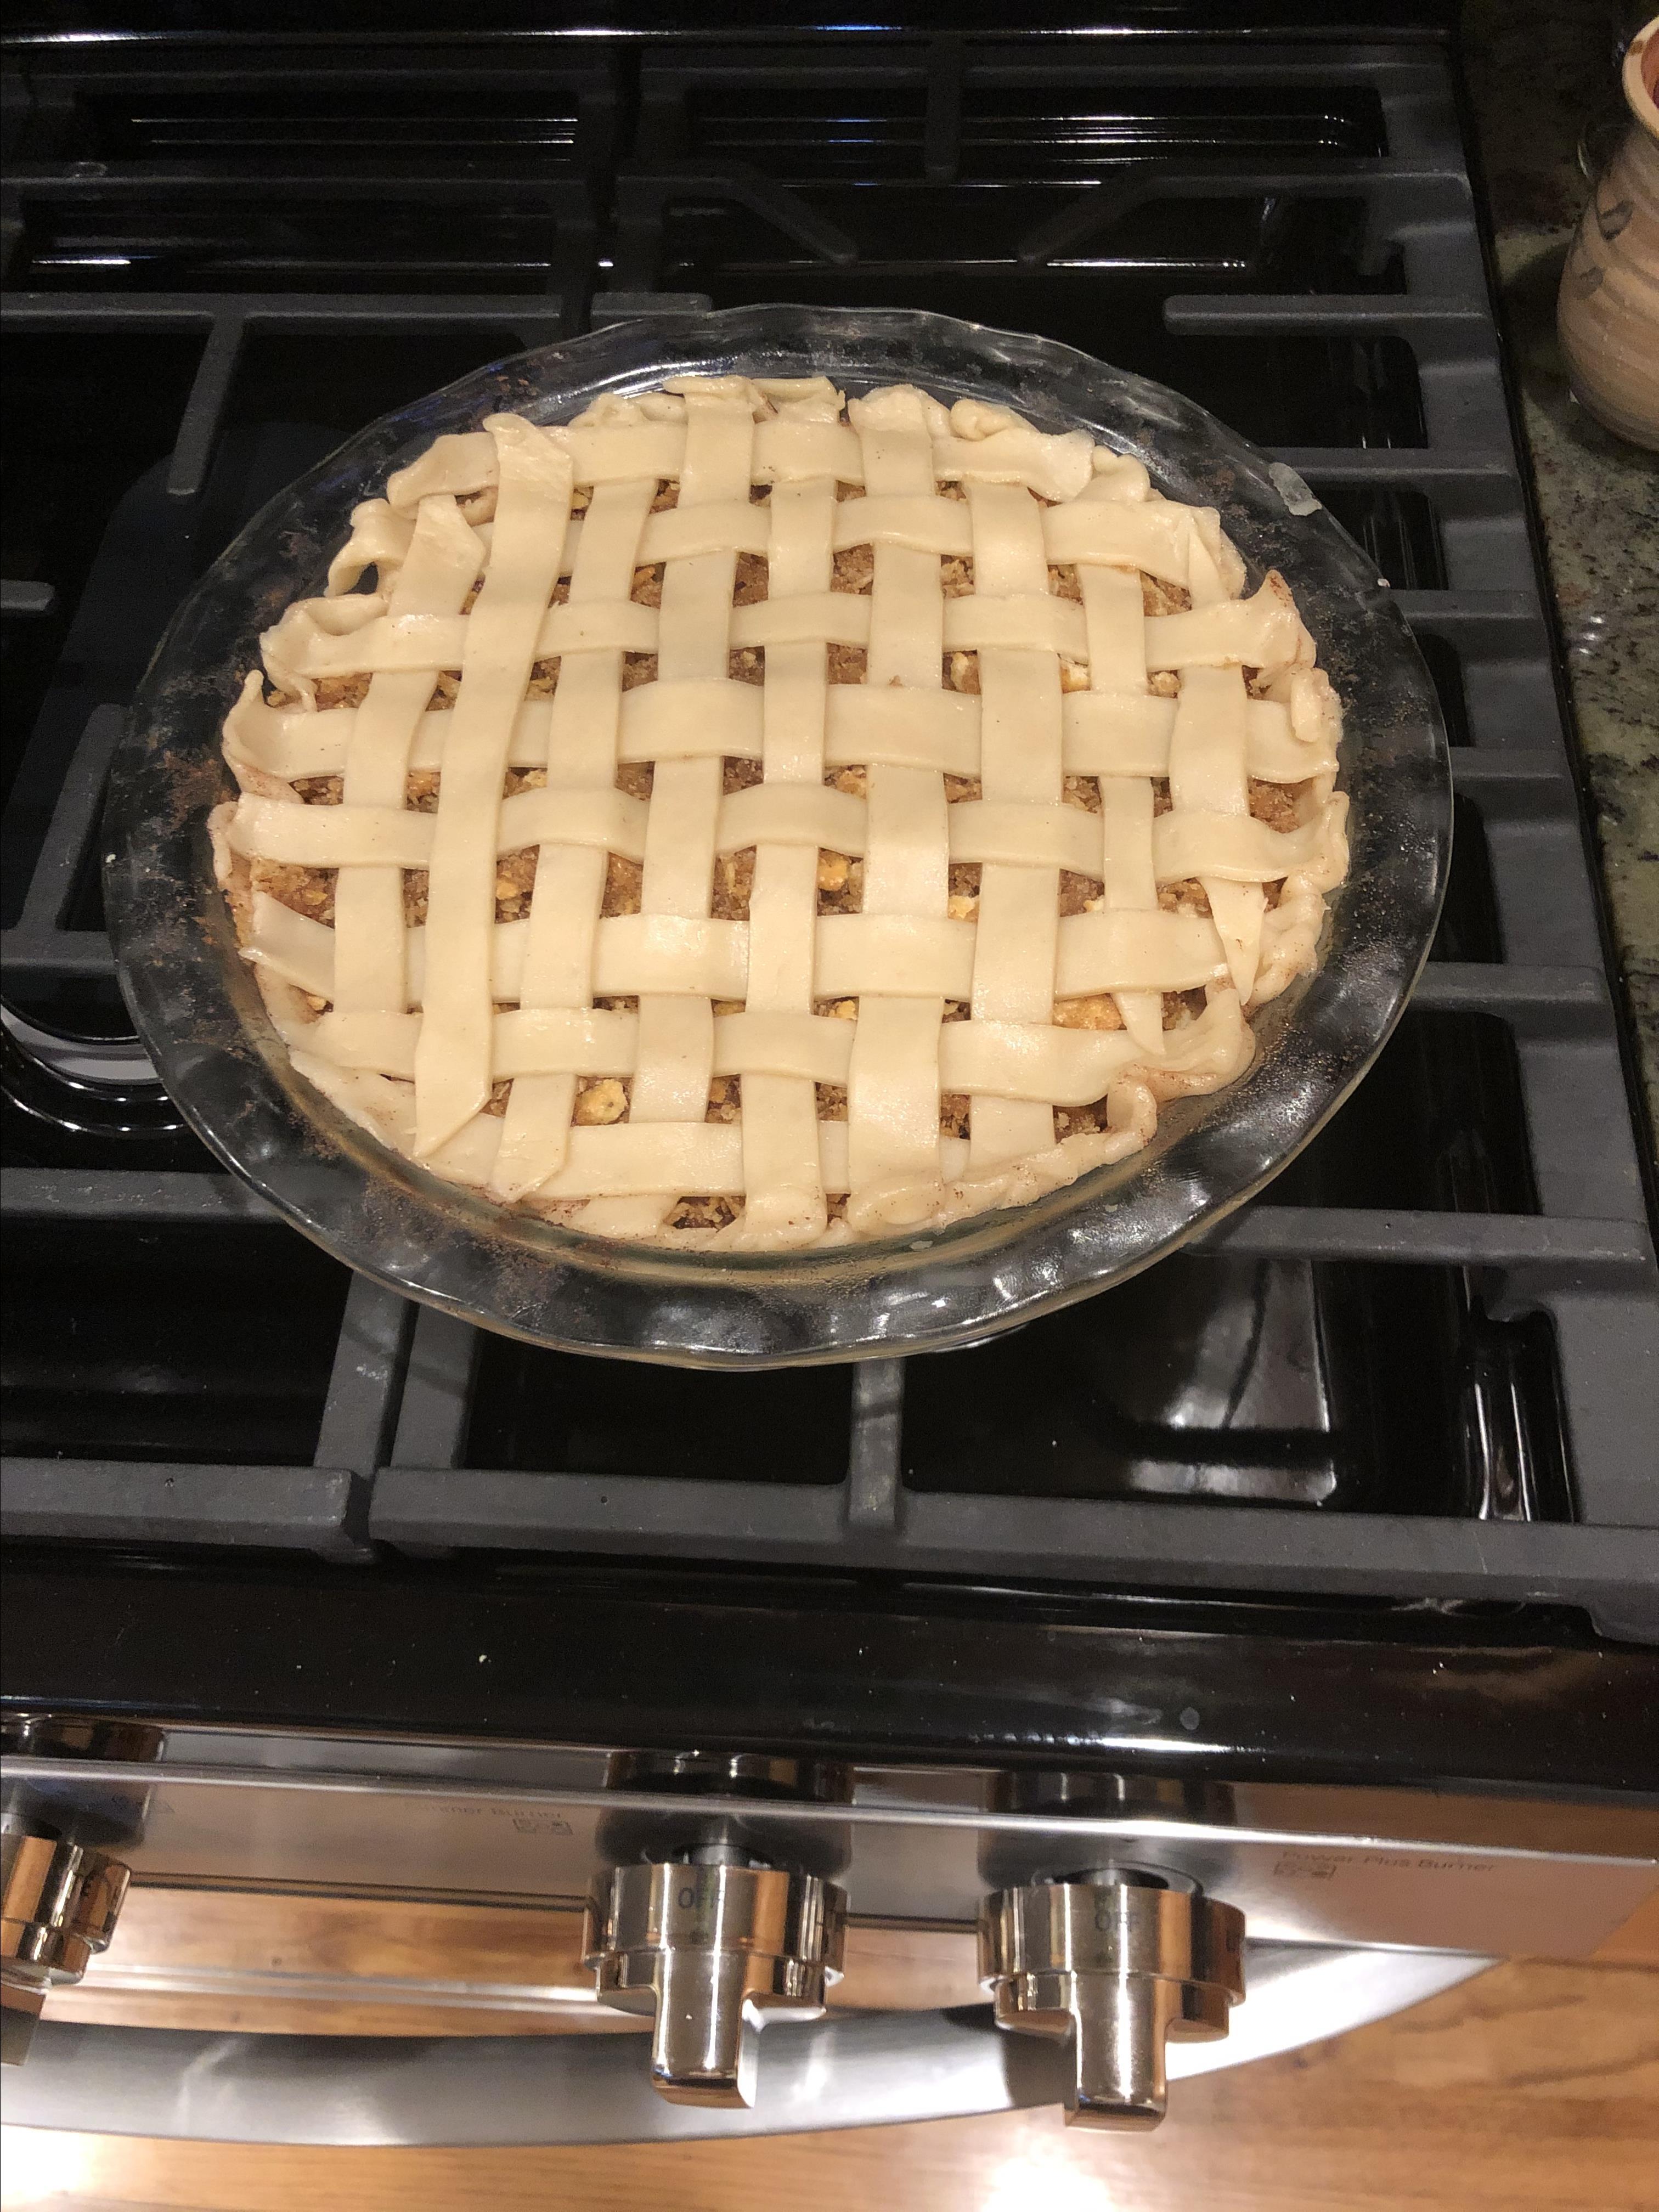 Mock Apple Pie Joanne Caudill